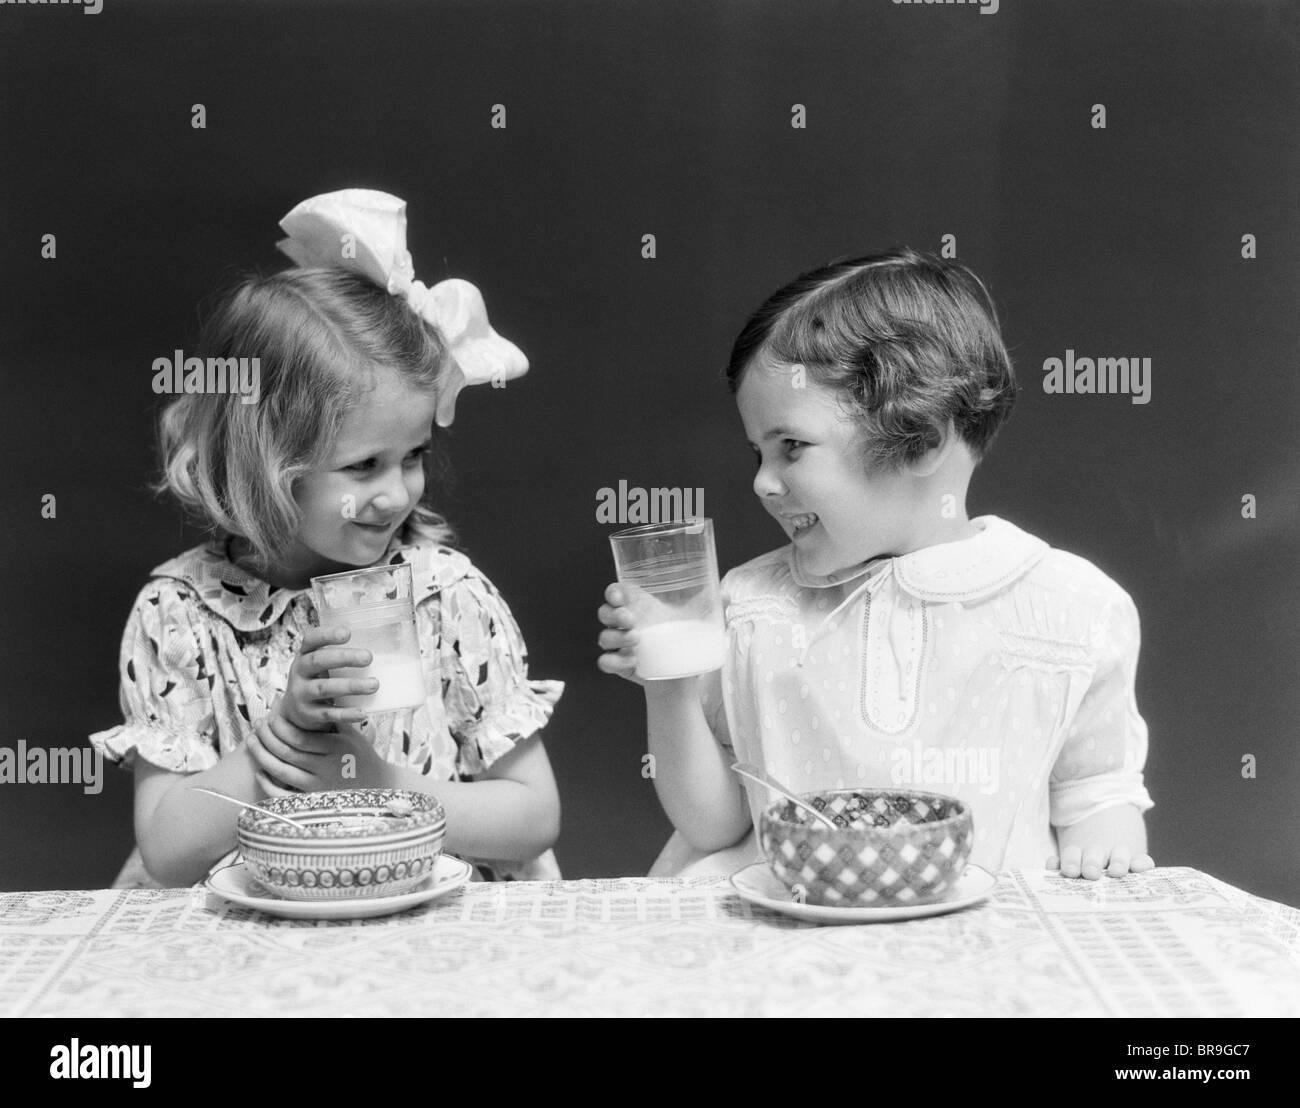 1930 dos niñas sonrientes beber leche tazón de cereales hablando riendo comer Imagen De Stock